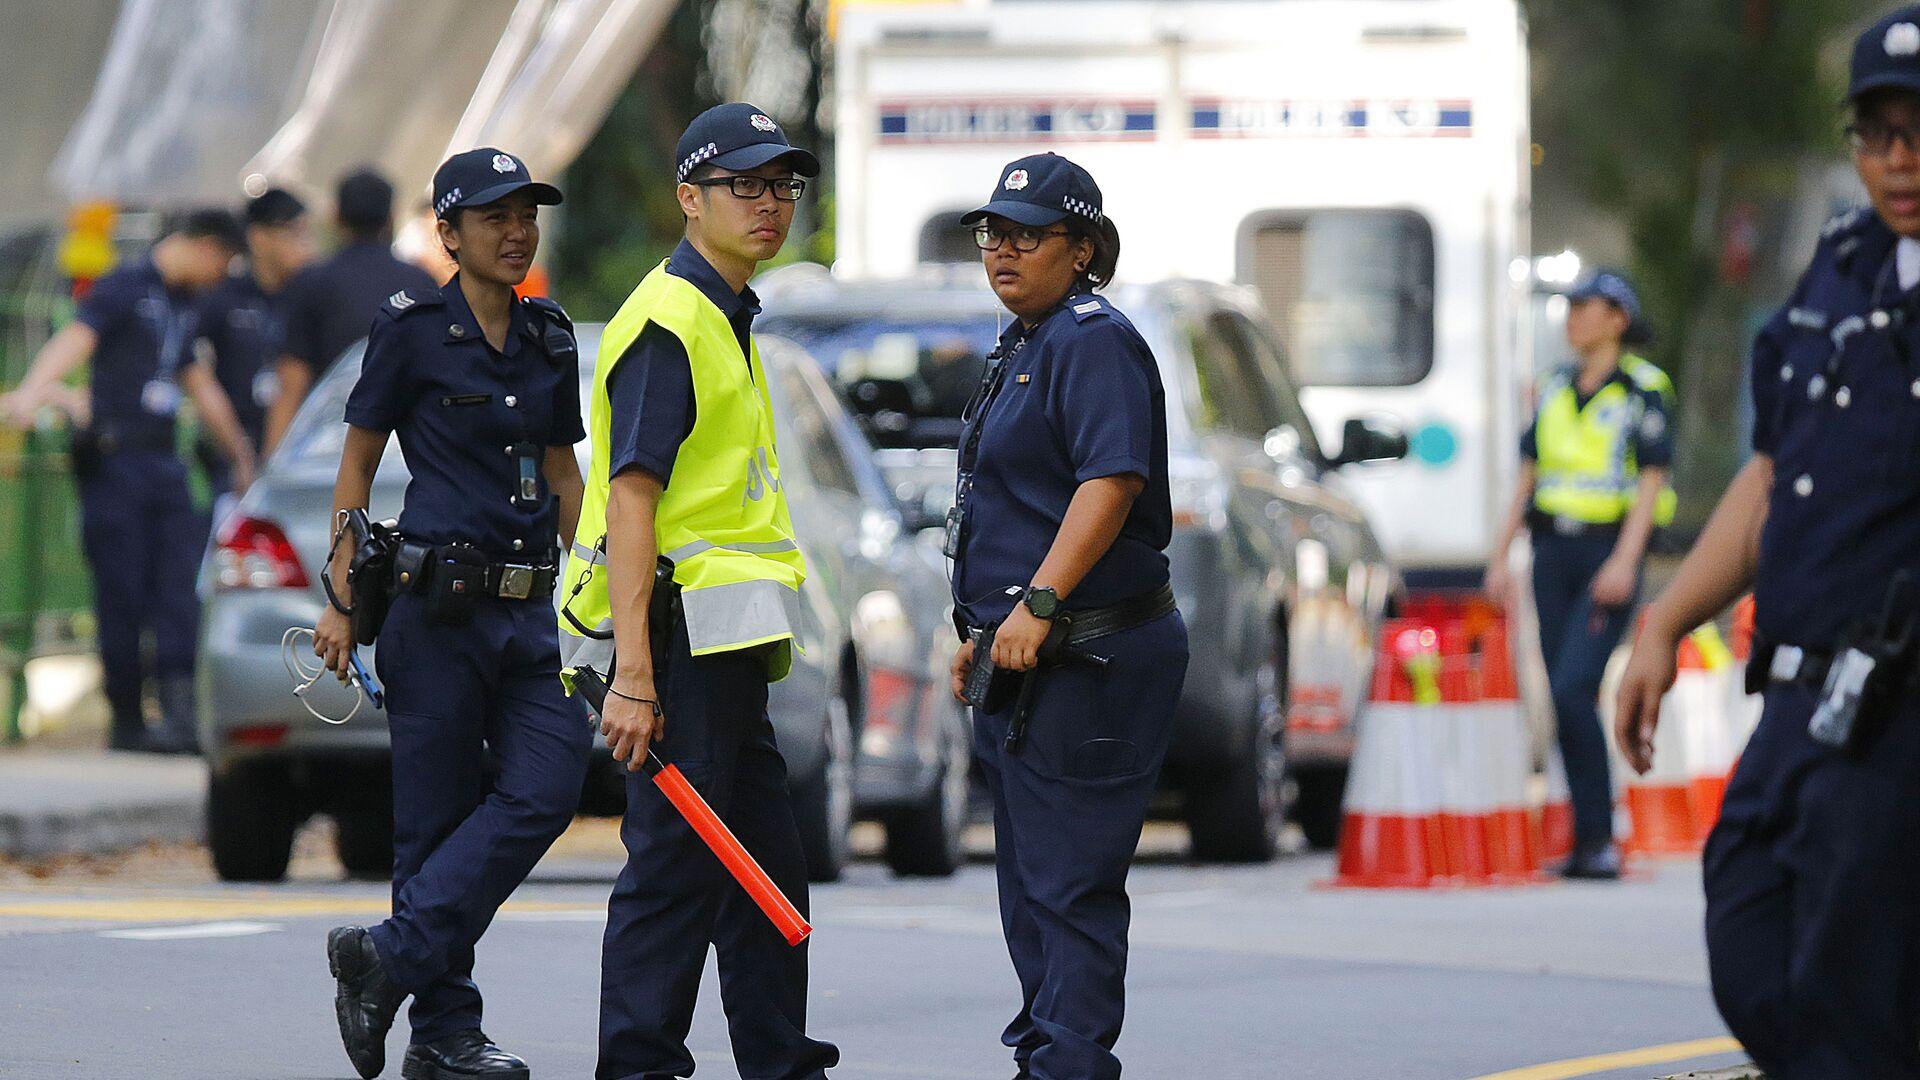 Полицейские на улице Сингапура - РИА Новости, 1920, 04.12.2020